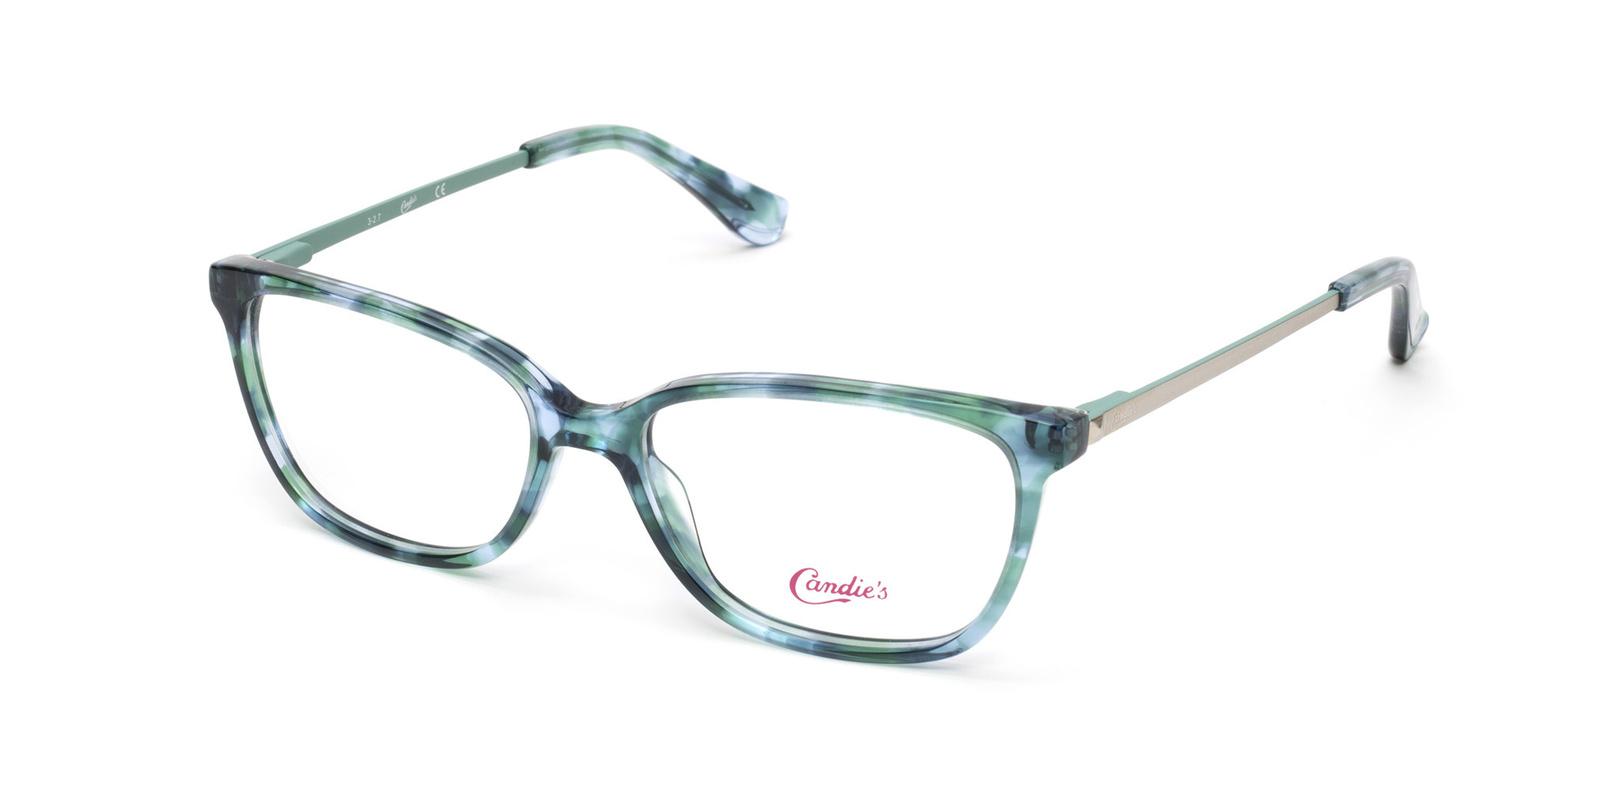 Candies CA0155 Eyeglasses